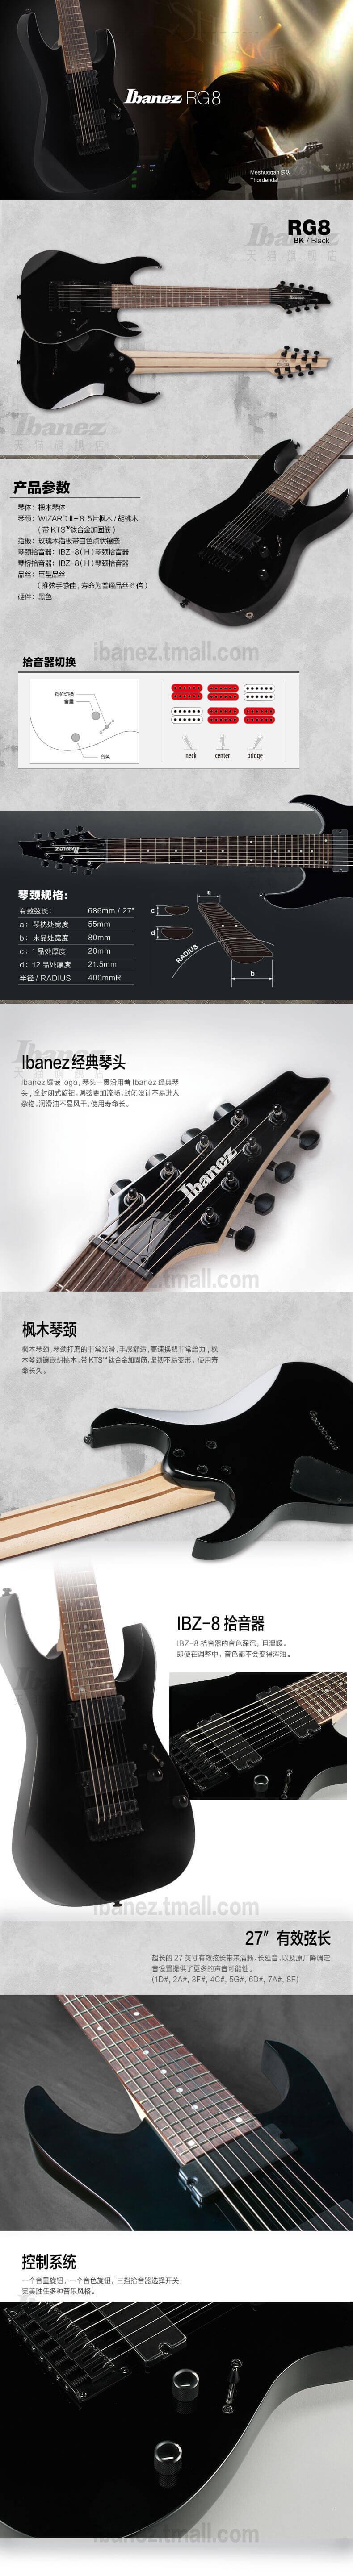 Ibanez官方旗舰店 爱宾斯 依班娜RG8-BK RG Standard 8弦电吉他 06